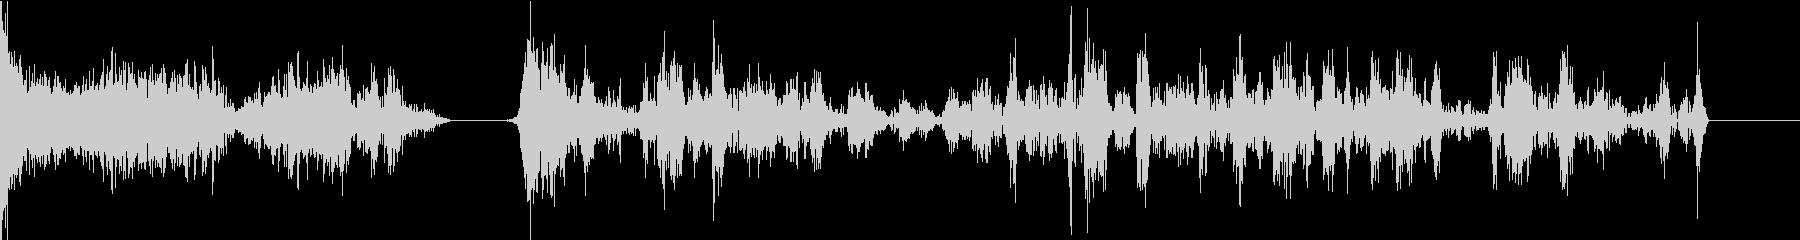 TVFX POPなザッピング音 10の未再生の波形